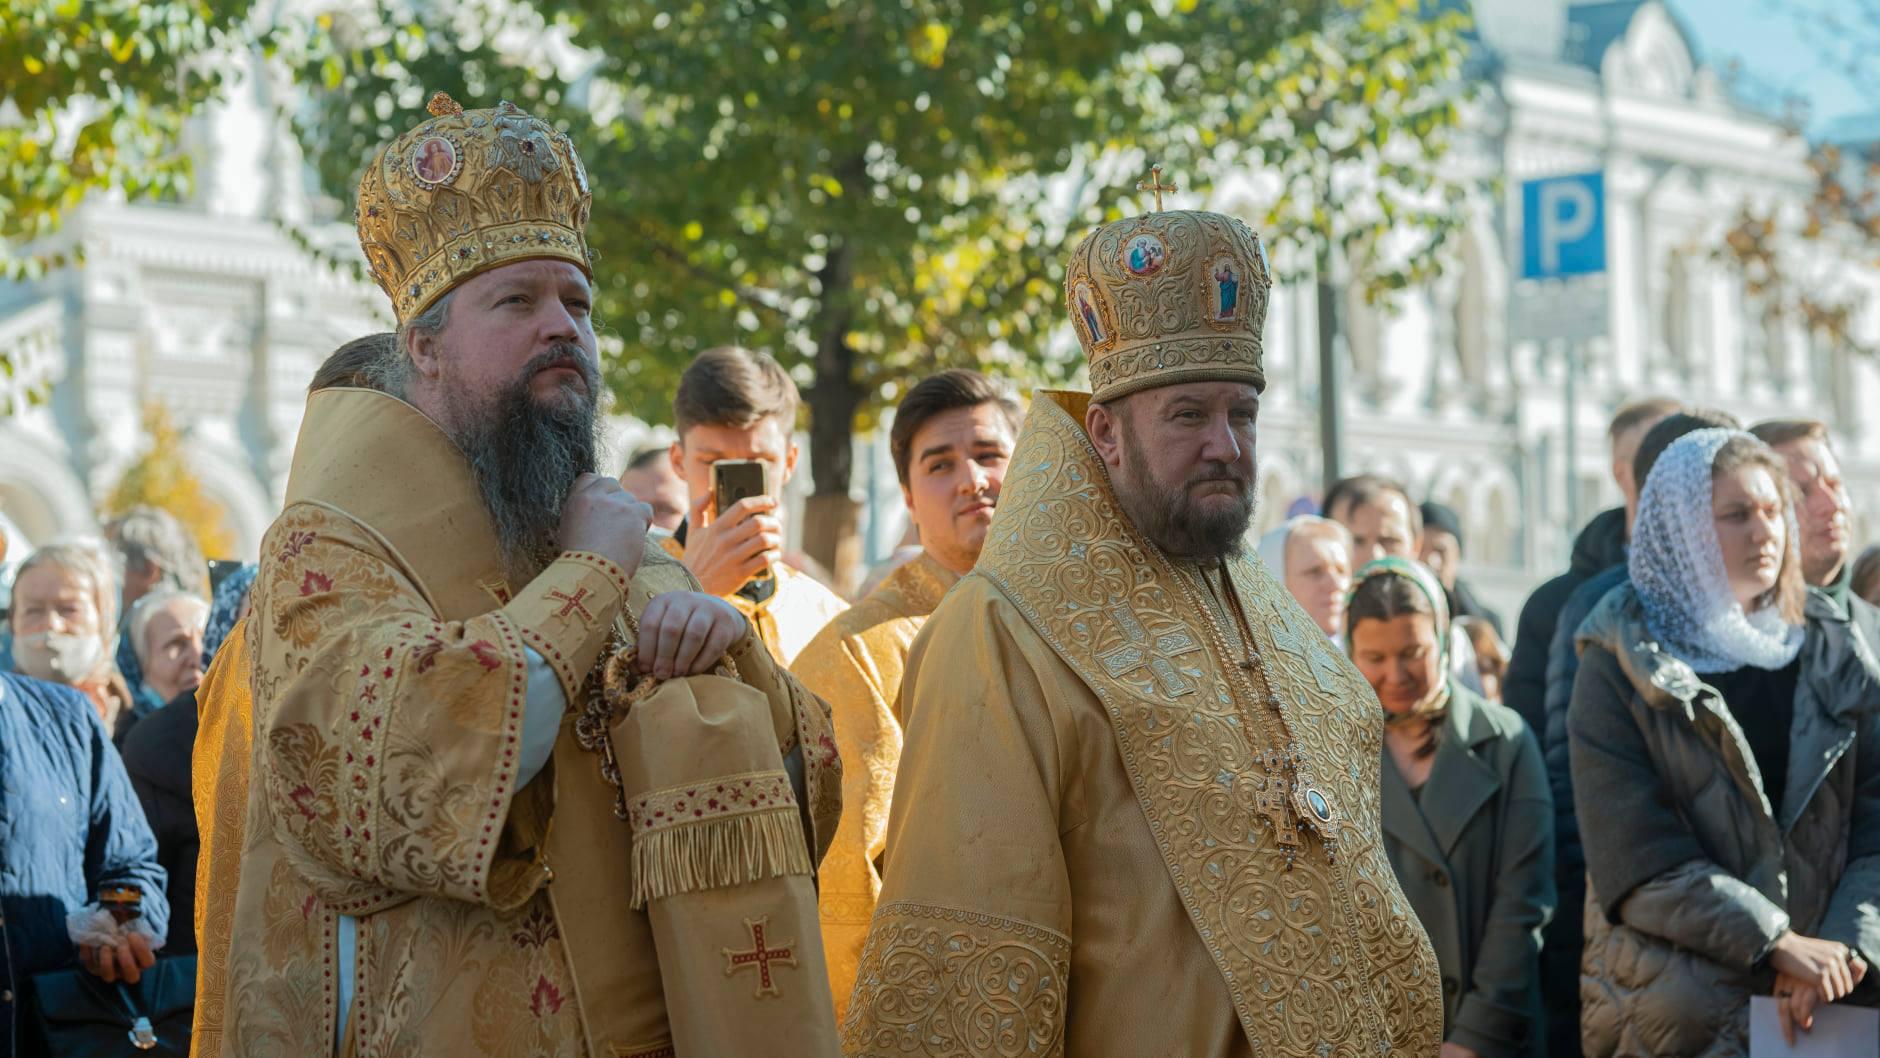 Света Литургија на празник Светог Јована Богослова у кућном храму РПУ